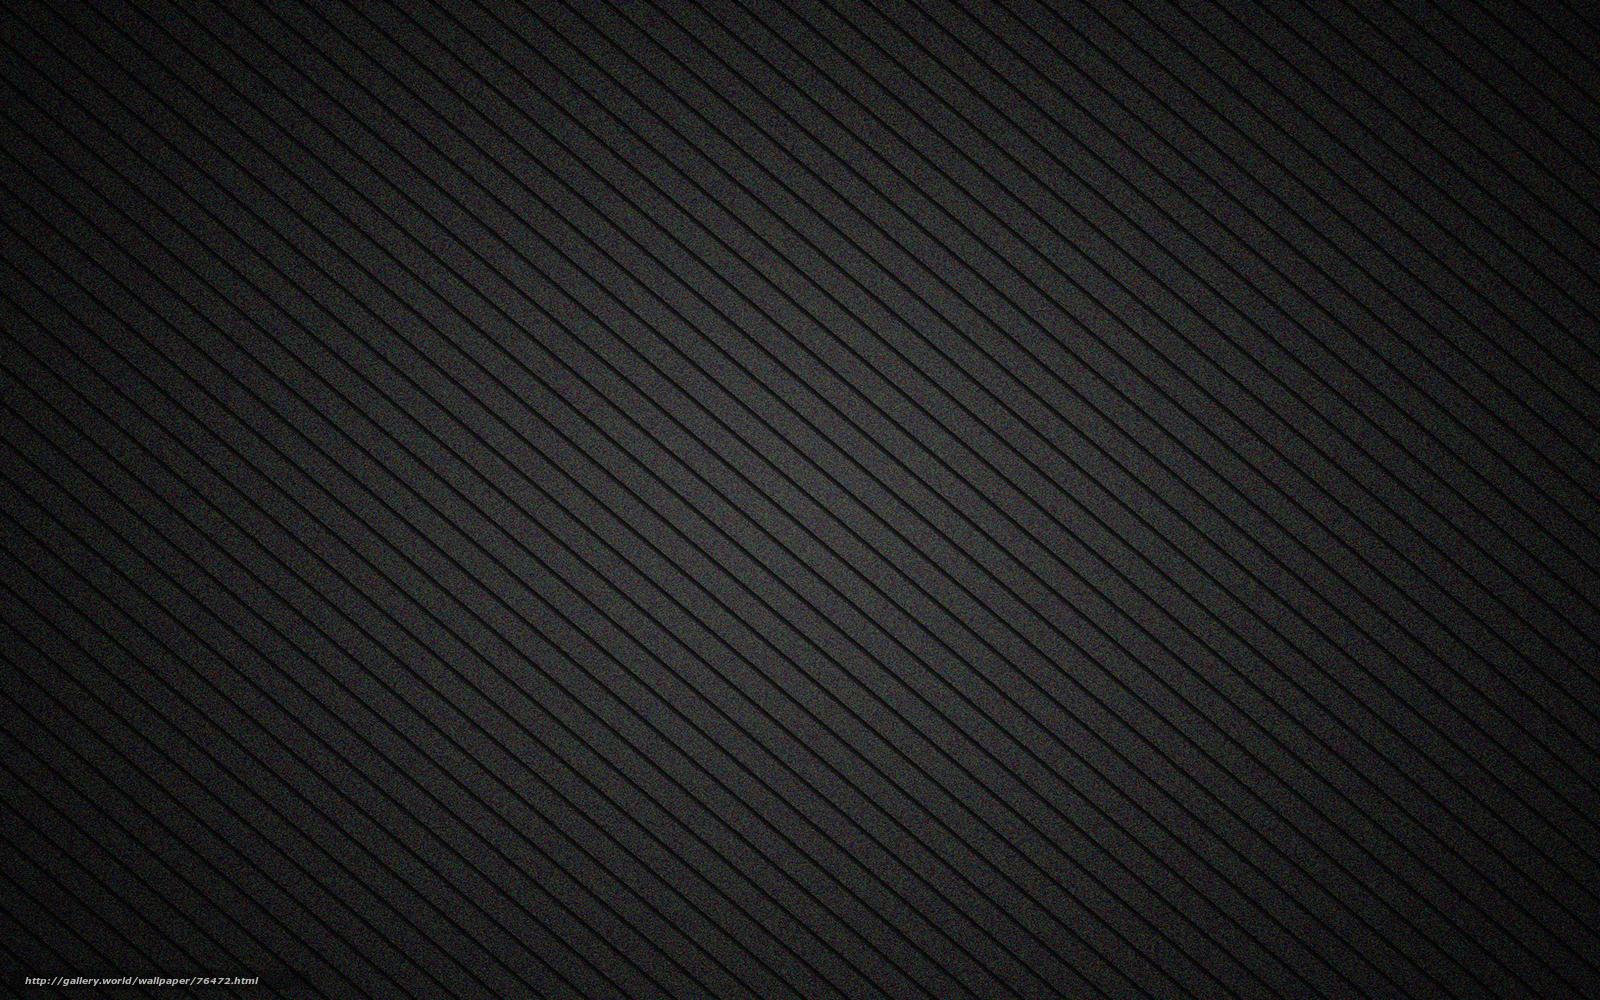 Papel De Parede Preto Alta Resolução Baixar: Baixar Wallpaper Textura, Papel De Parede, Fundo, Preto